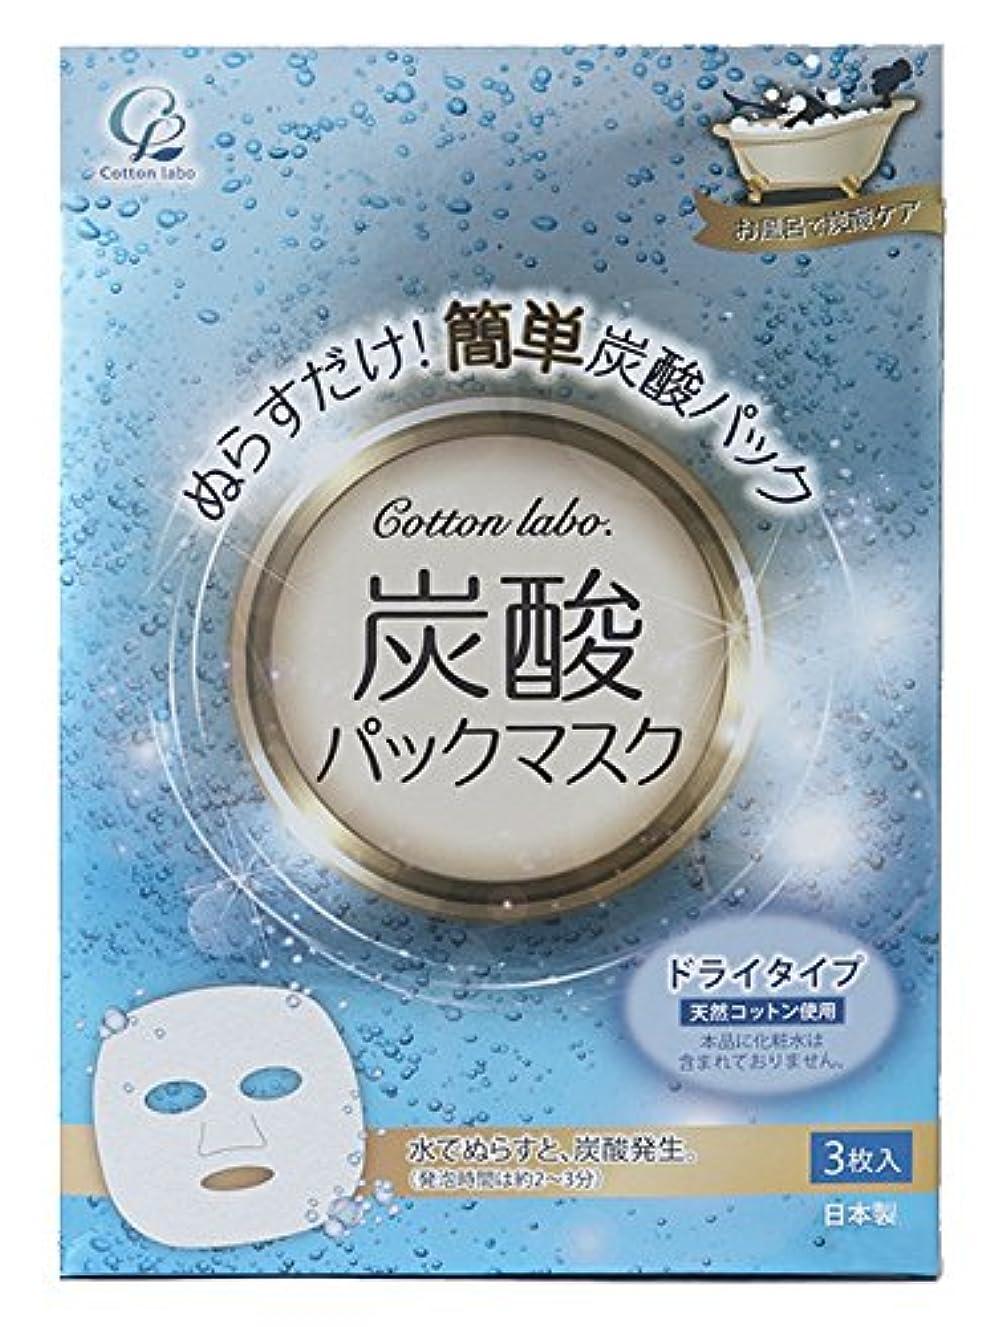 家事分離するフェザーコットン?ラボ 炭酸パックマスク 3枚入り ドライタイプ 濡らすだけ簡単炭酸ケア (シートタイプフェイスパック)×40点セット (4973202301069)